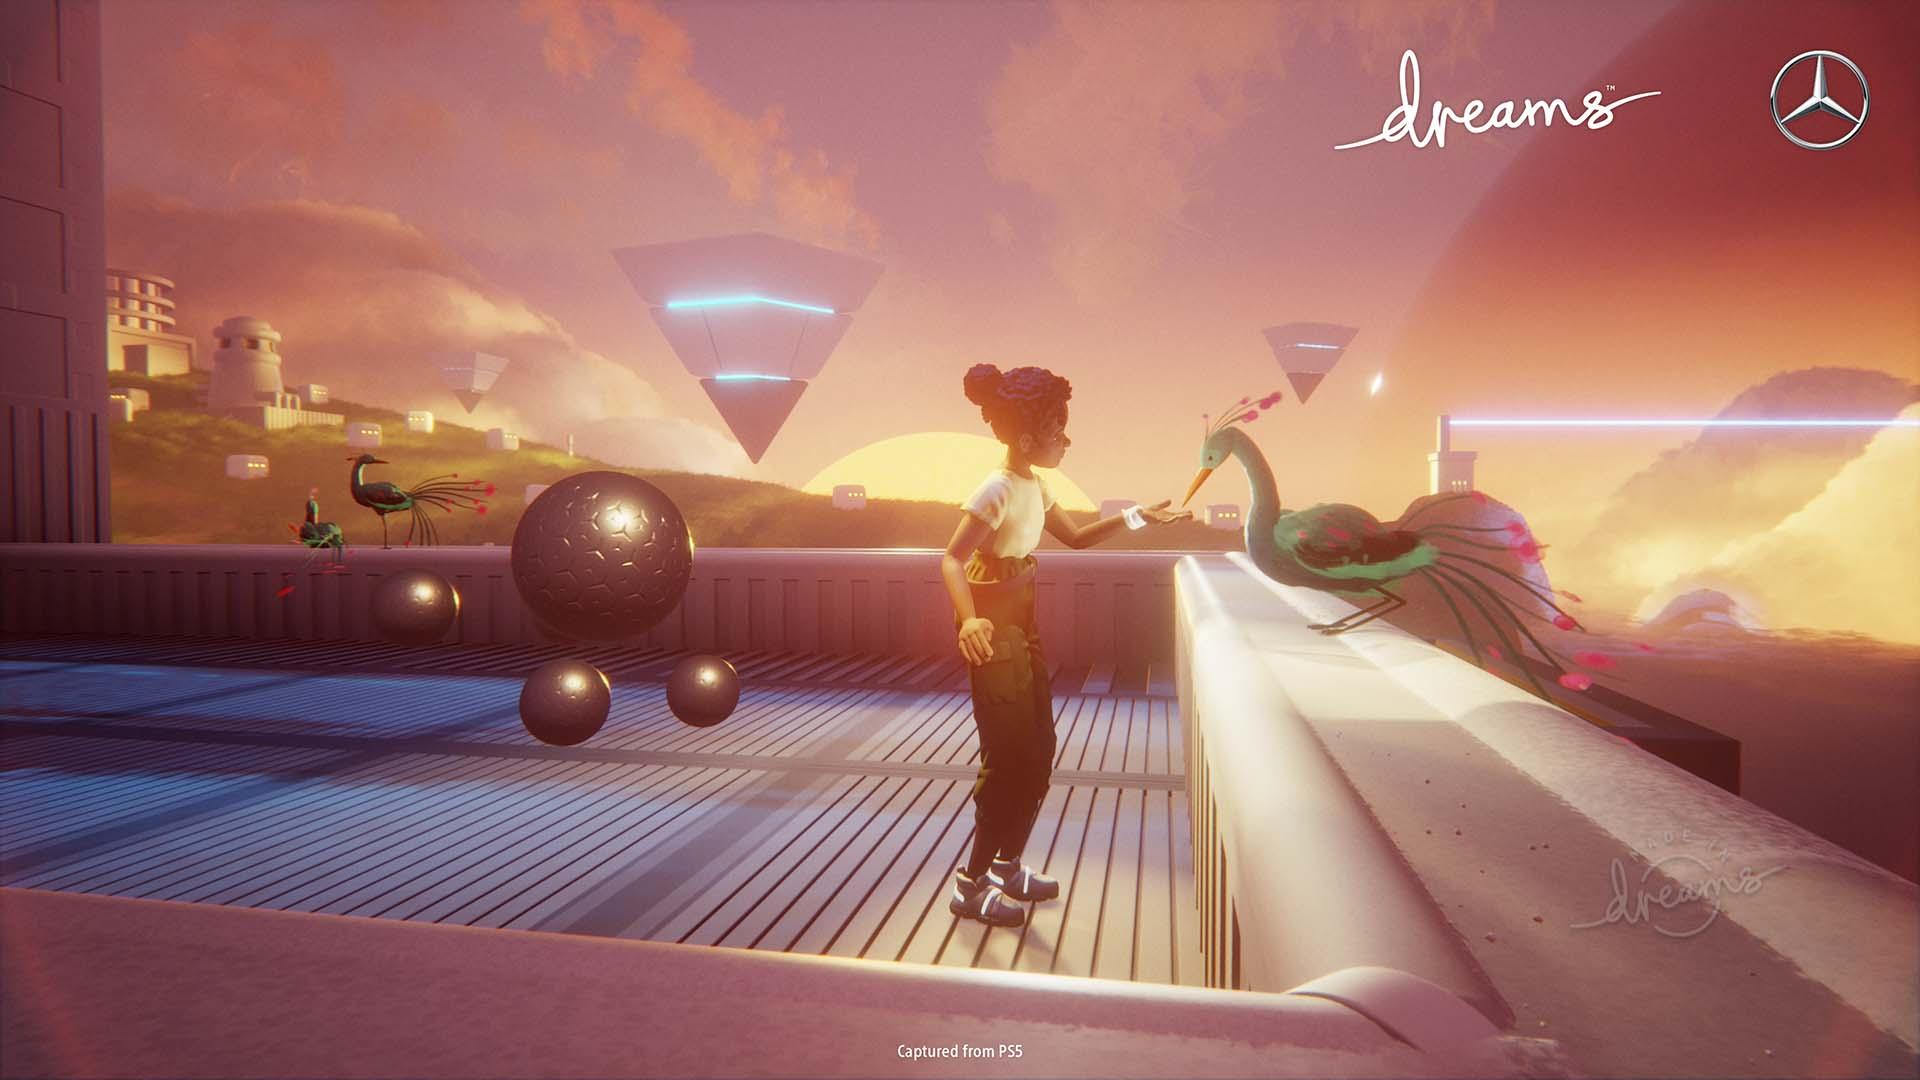 Une capture d'écran d'Eshe, le personnage principal de la collaboration Dreams et Mercedes-Benz, qui rencontre un oiseau.